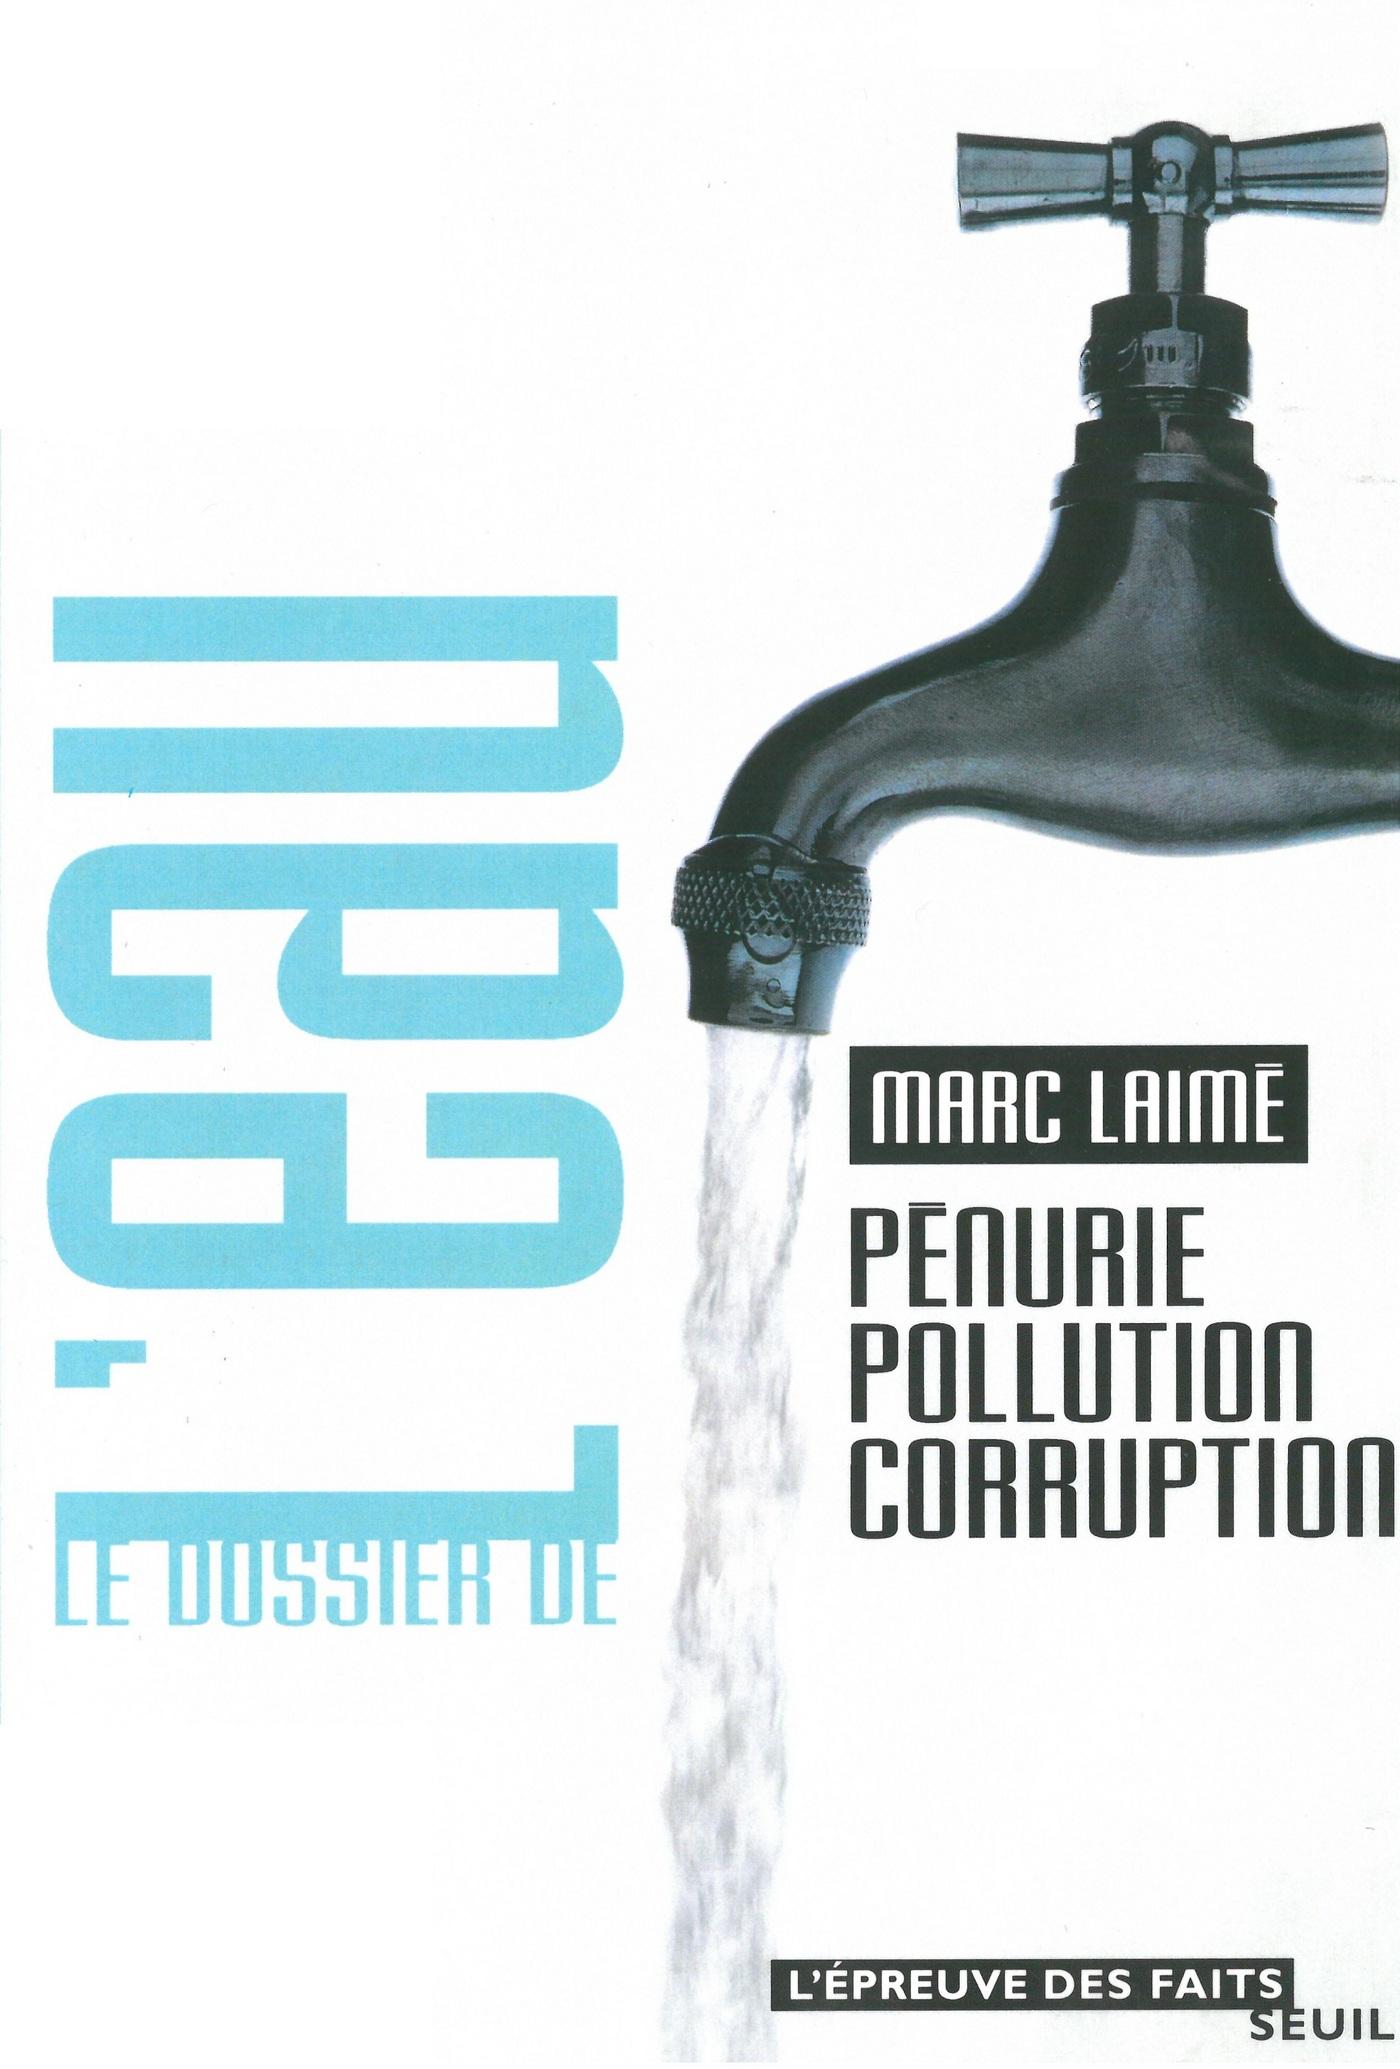 Le Dossier de l'eau. Pénurie, pollution, corruption